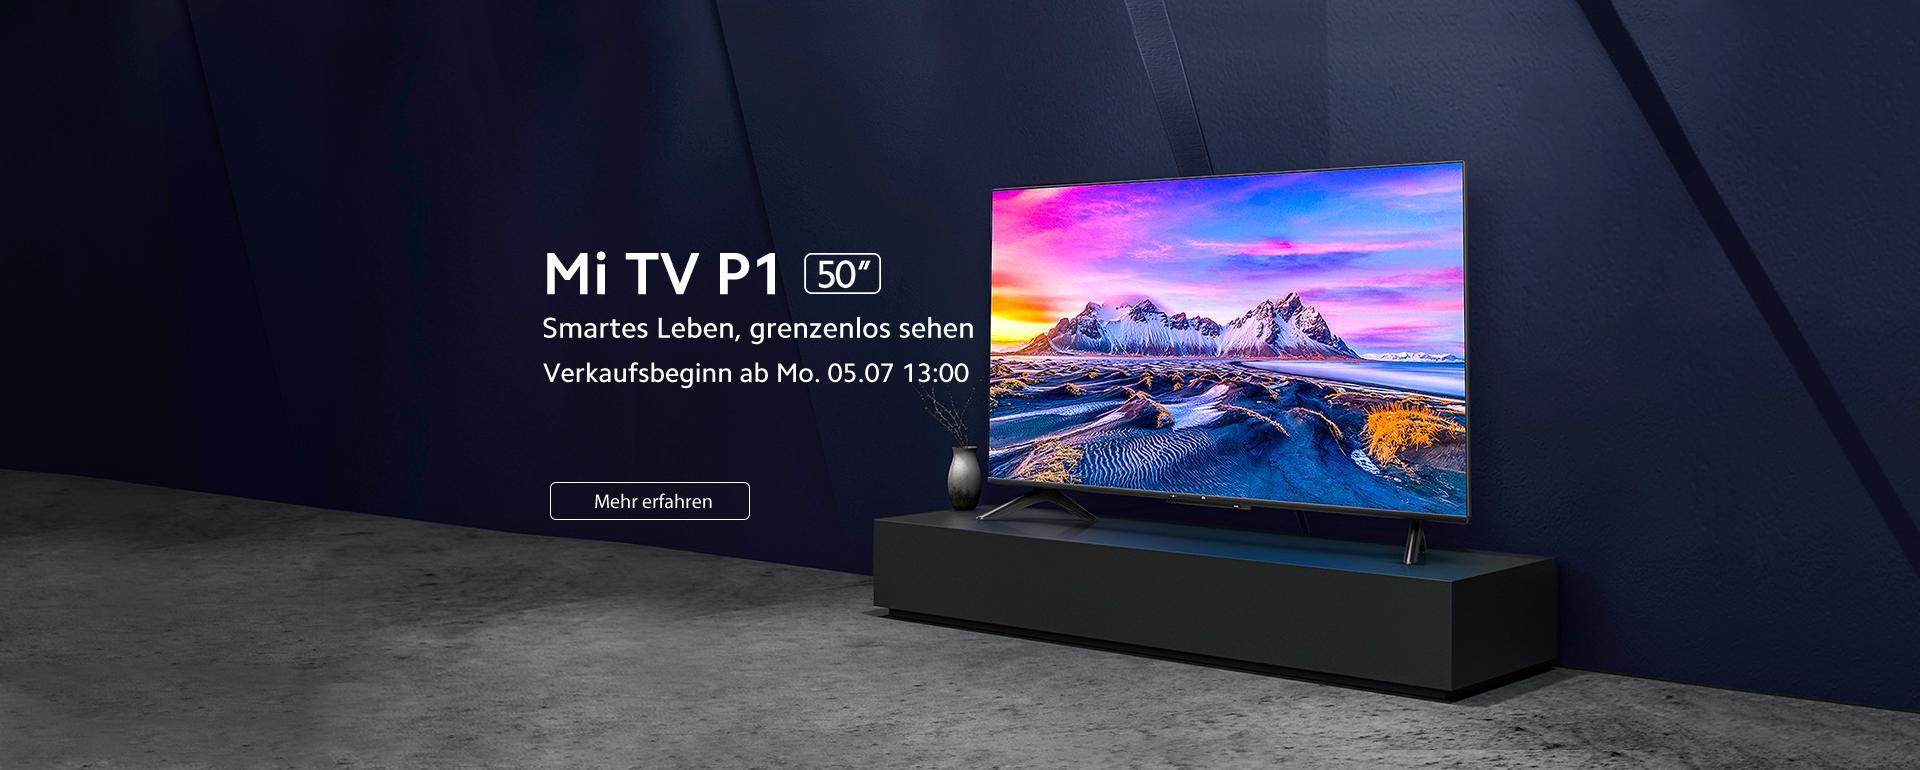 Mi TV P1 50''